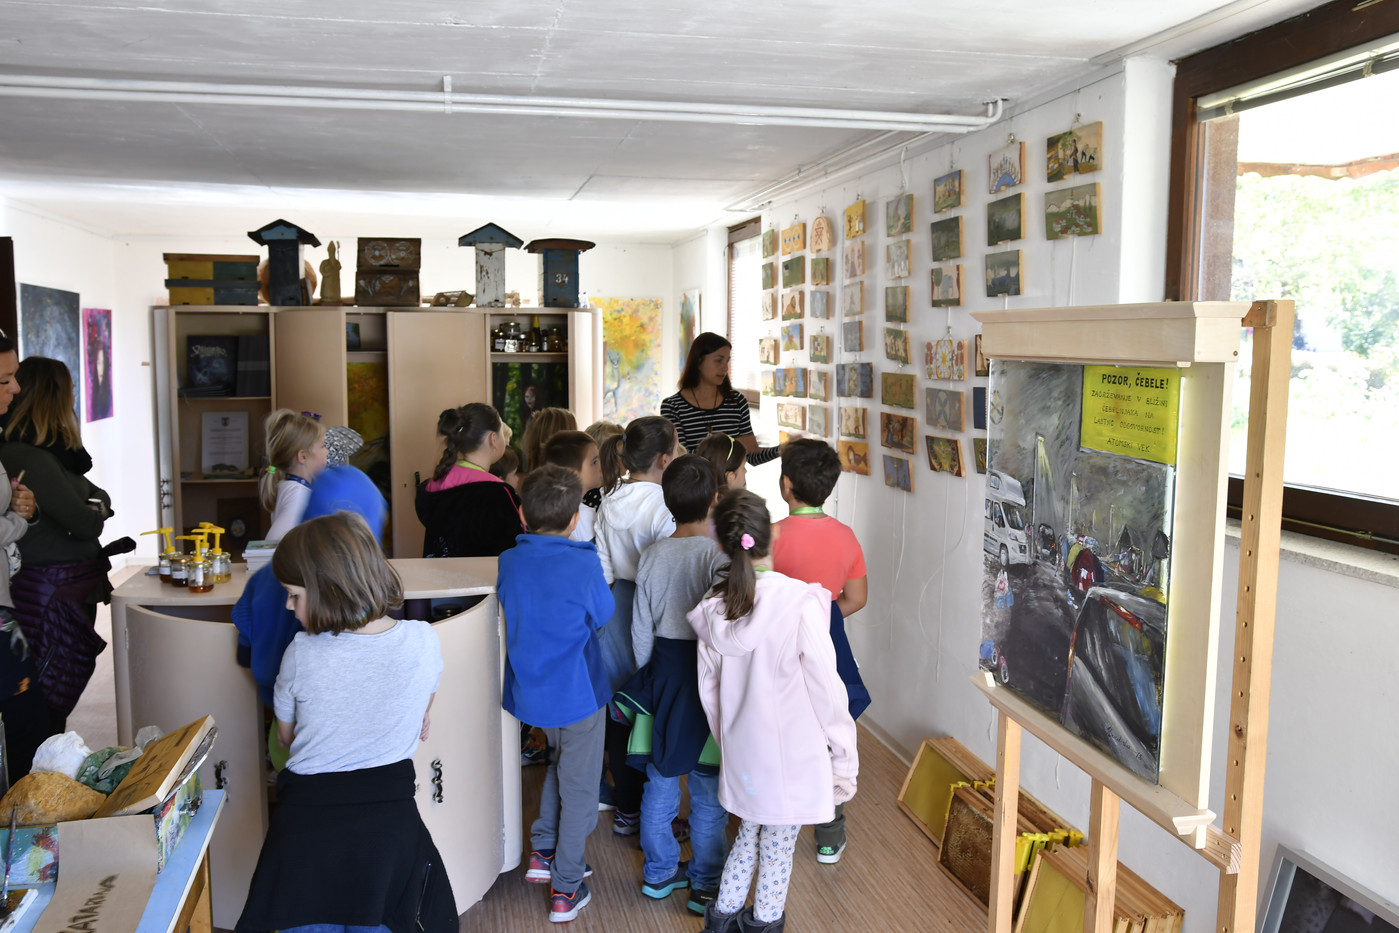 Spoznavanje čebelarske dediščine pri Anji